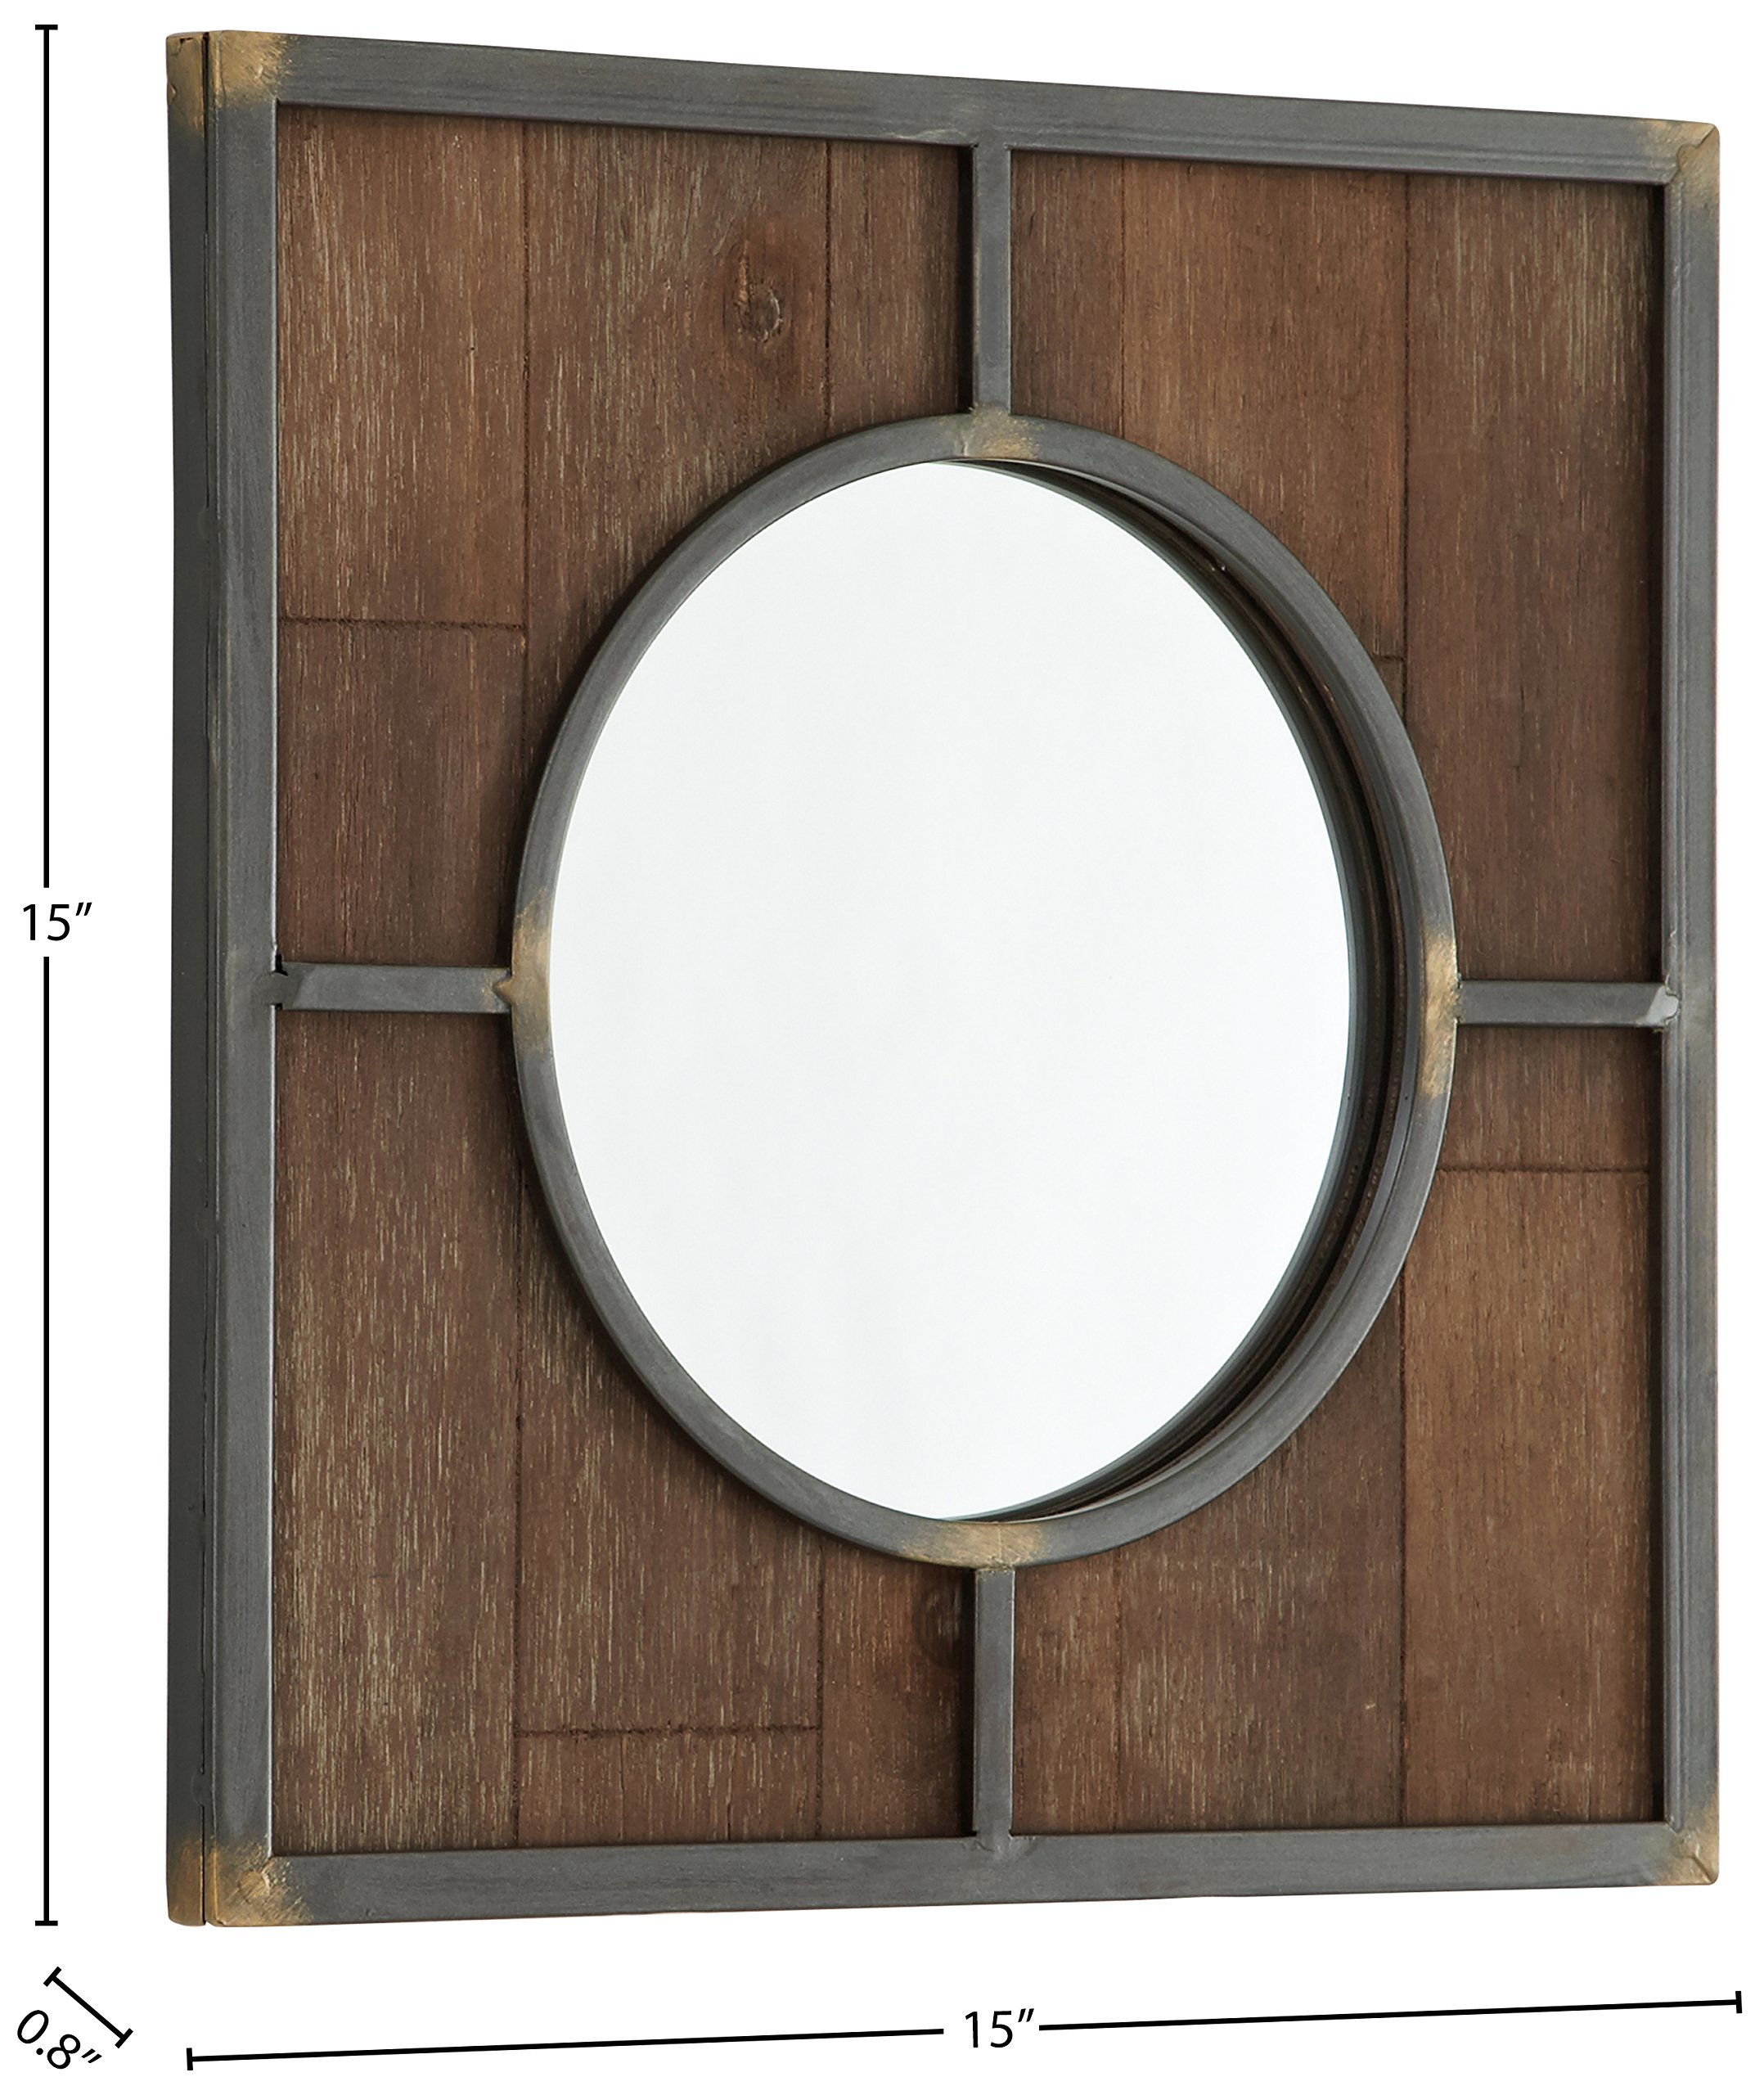 Stone & Beam Round Wood Quadrant Mirror, 15''H, Dark Wood Finish by Stone & Beam (Image #4)